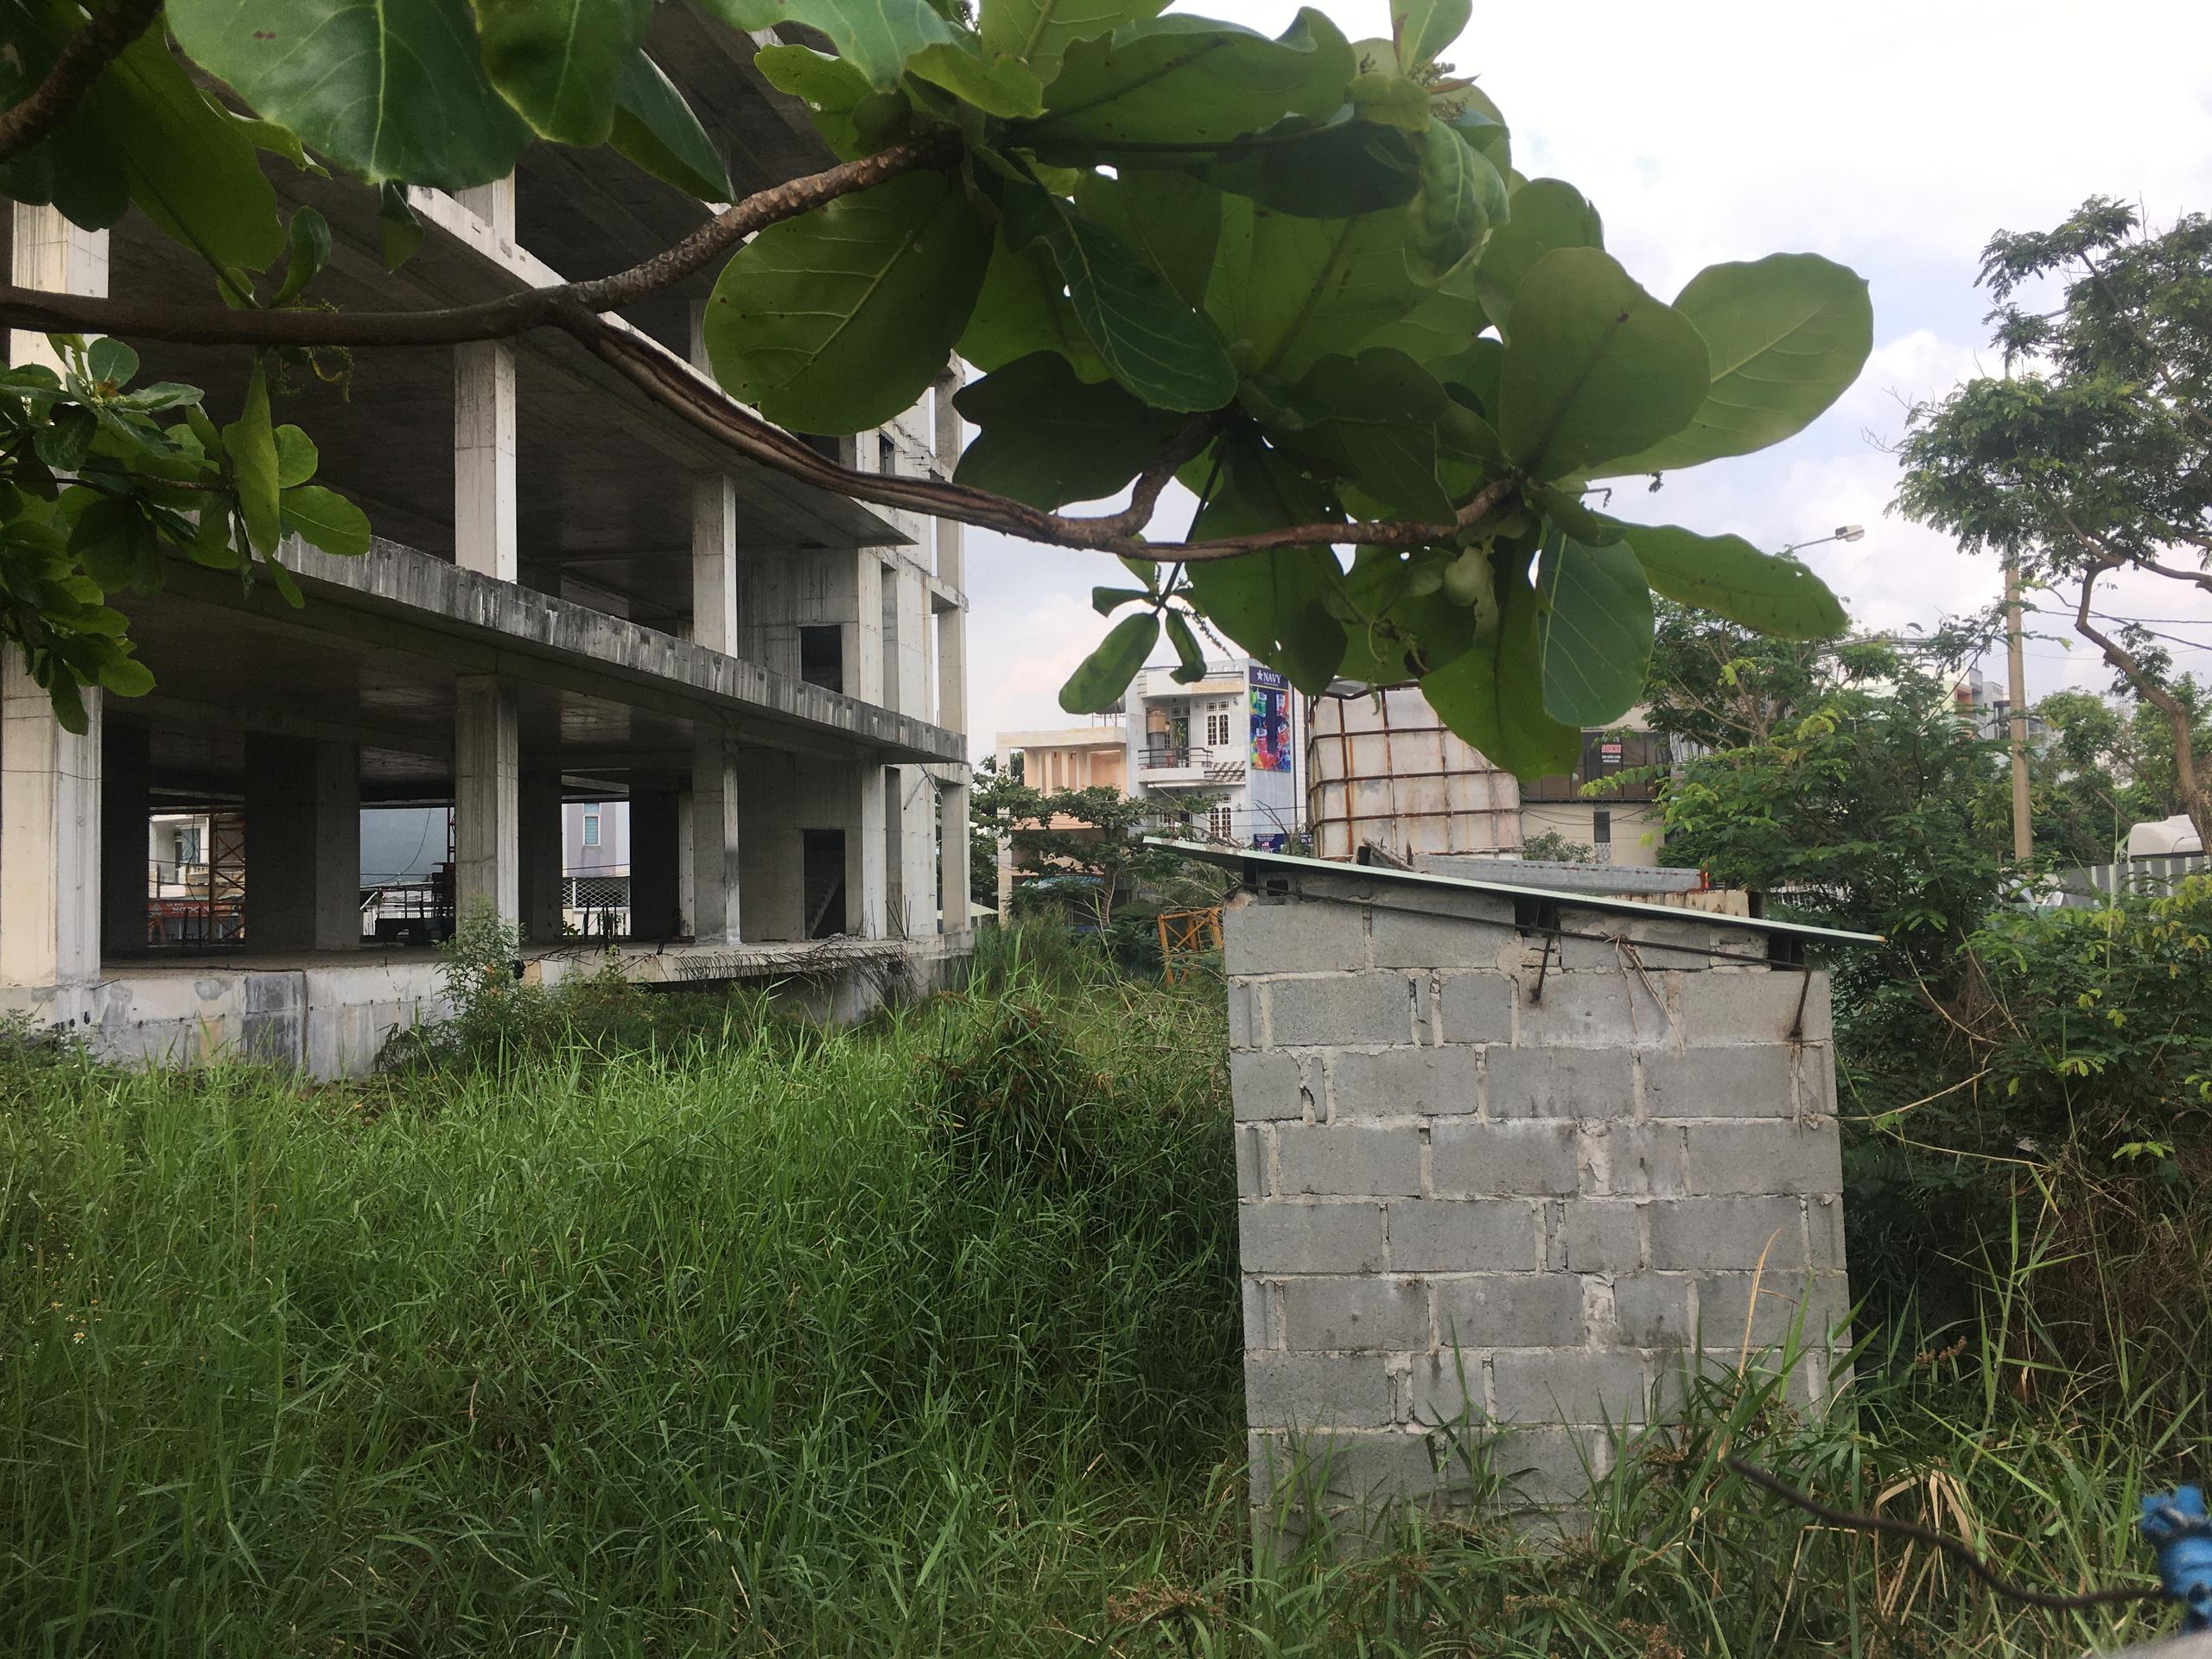 Dự án chung cư cao cấp bỏ hoang trên đất vàng mặt tiền sông Hàn Đà Nẵng - Ảnh 8.